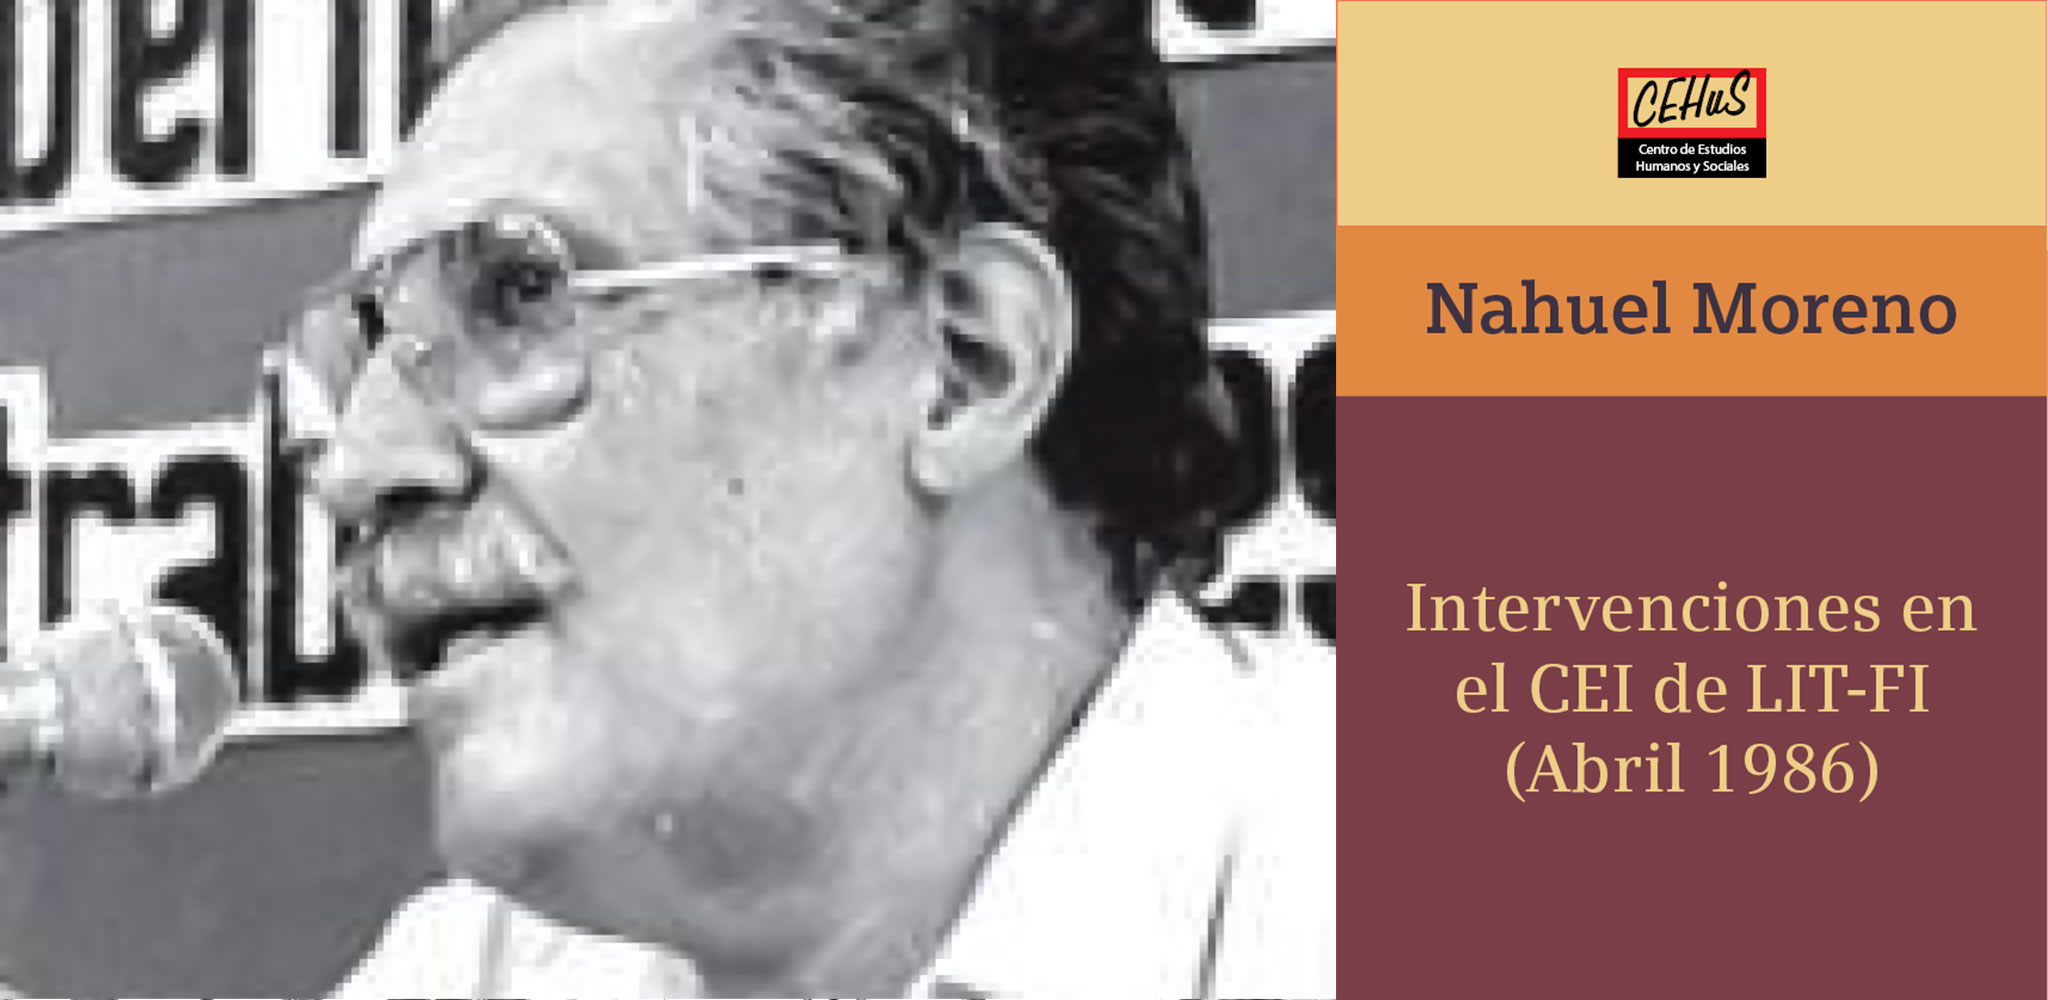 INTERVENCIONES EN EL CEI DE LIT-CI (1986-ABRIL)